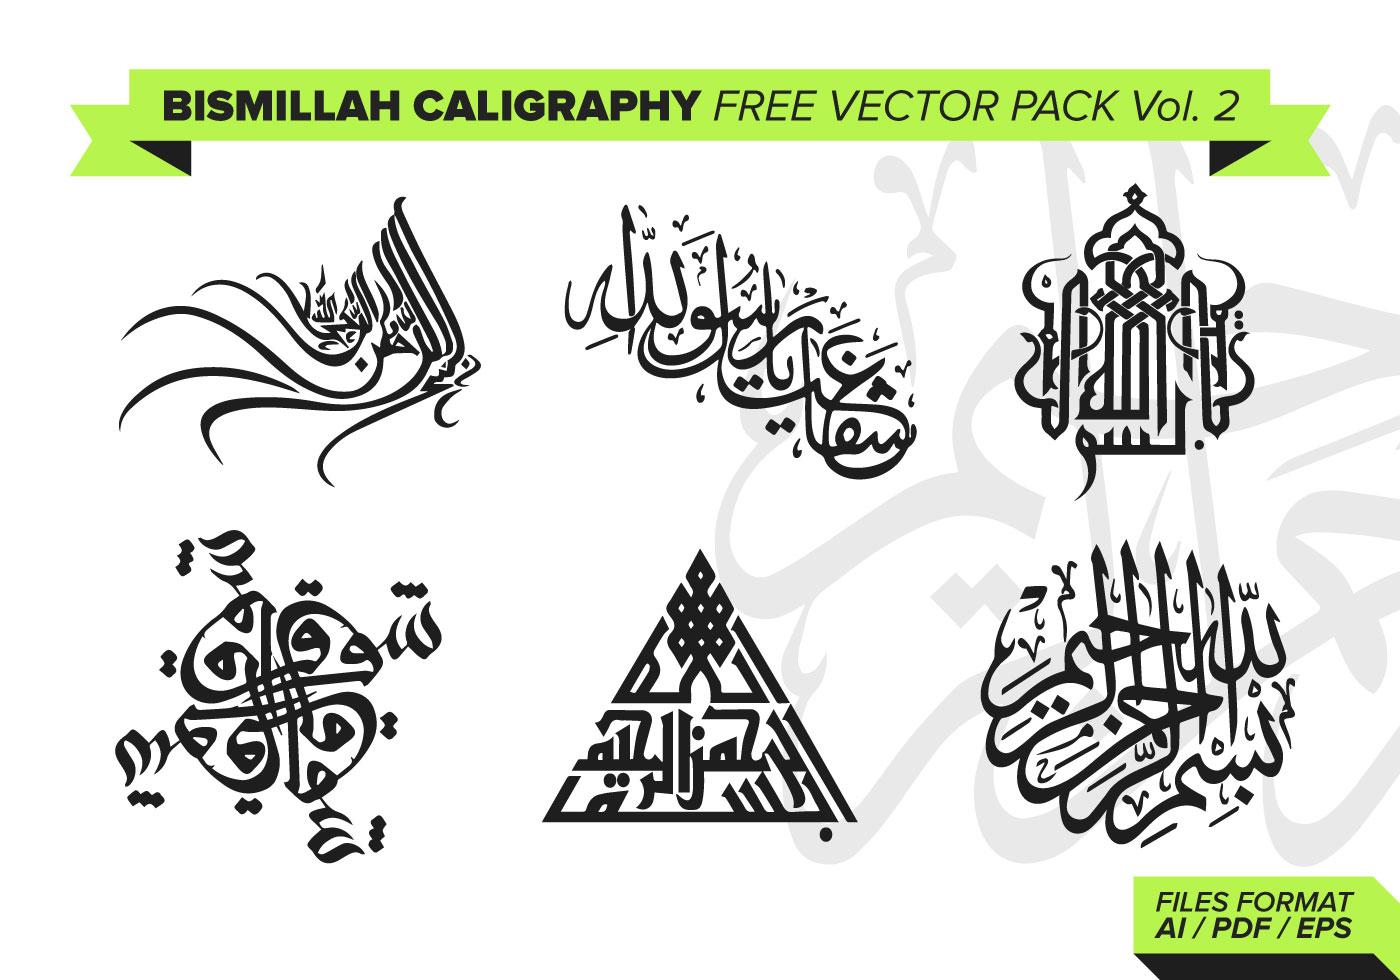 bismillah calligraphy vector pack vol 2 download free